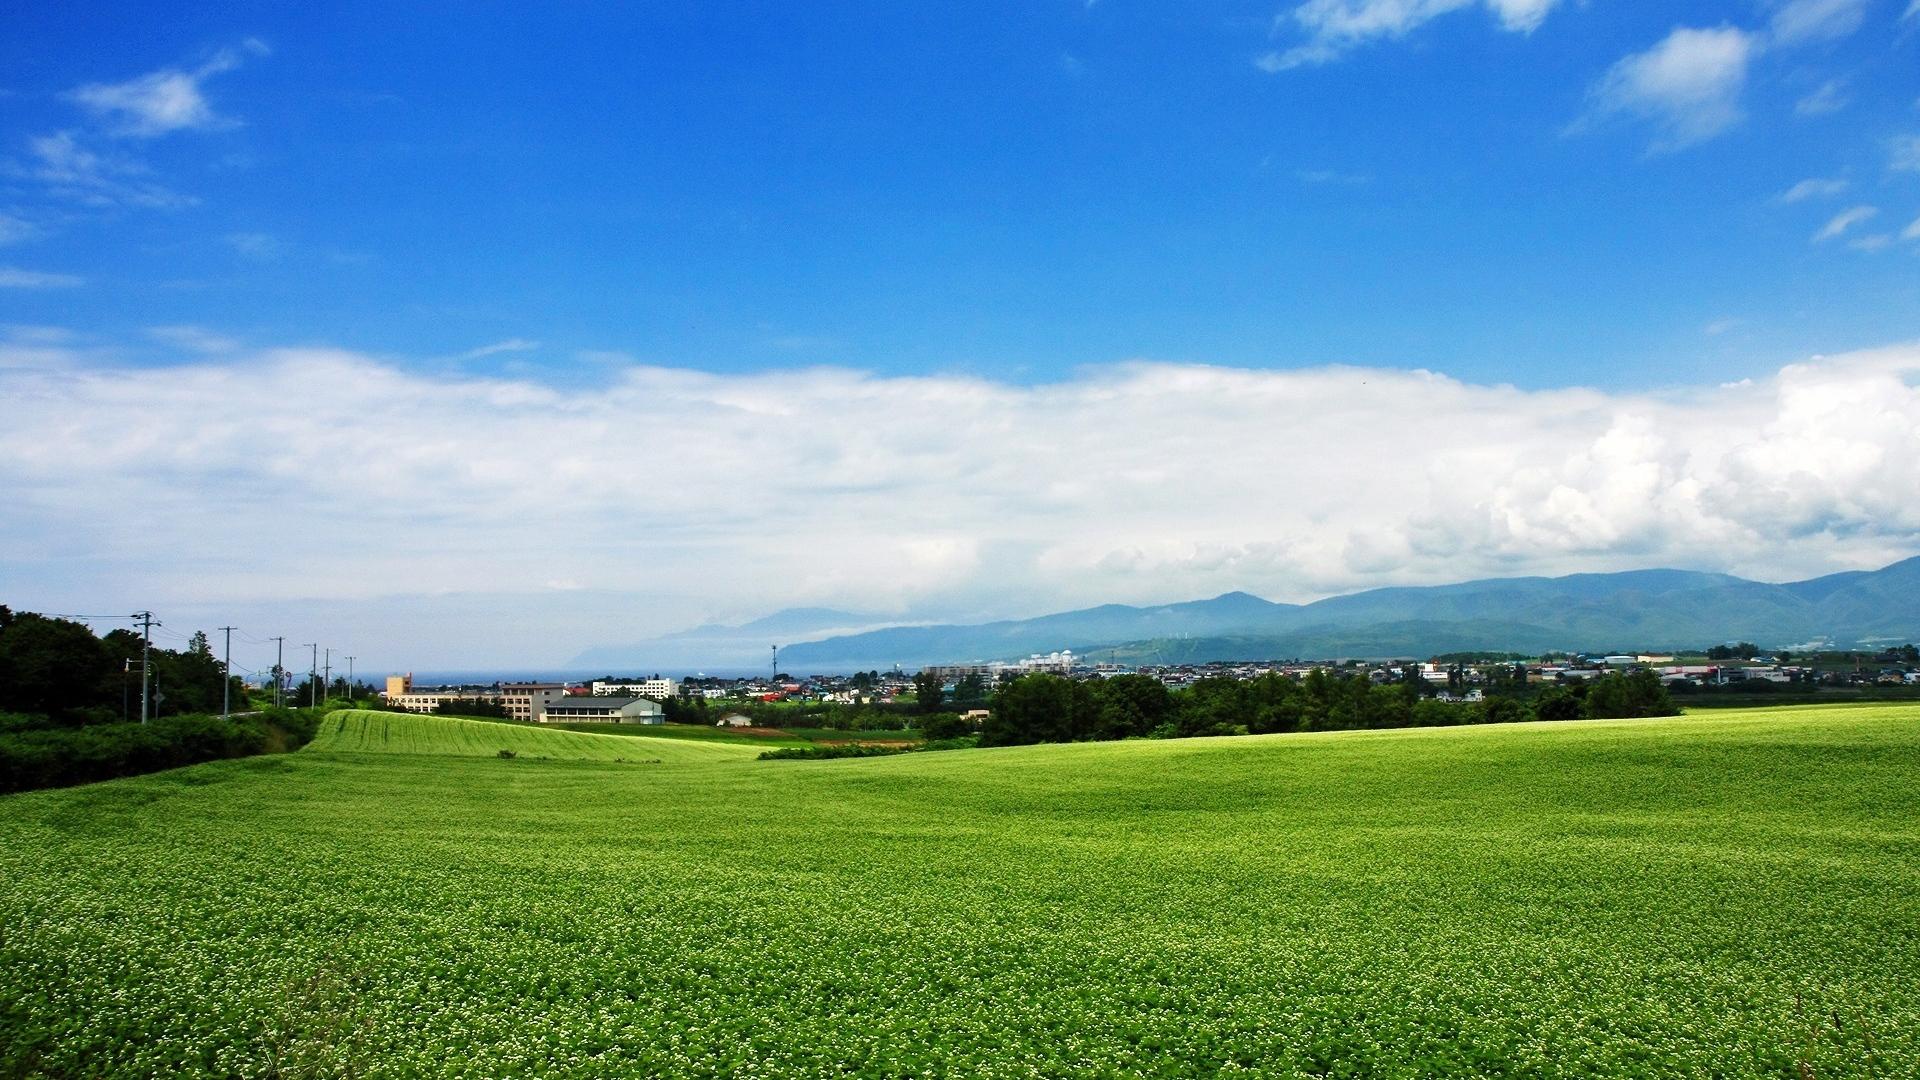 Village Background